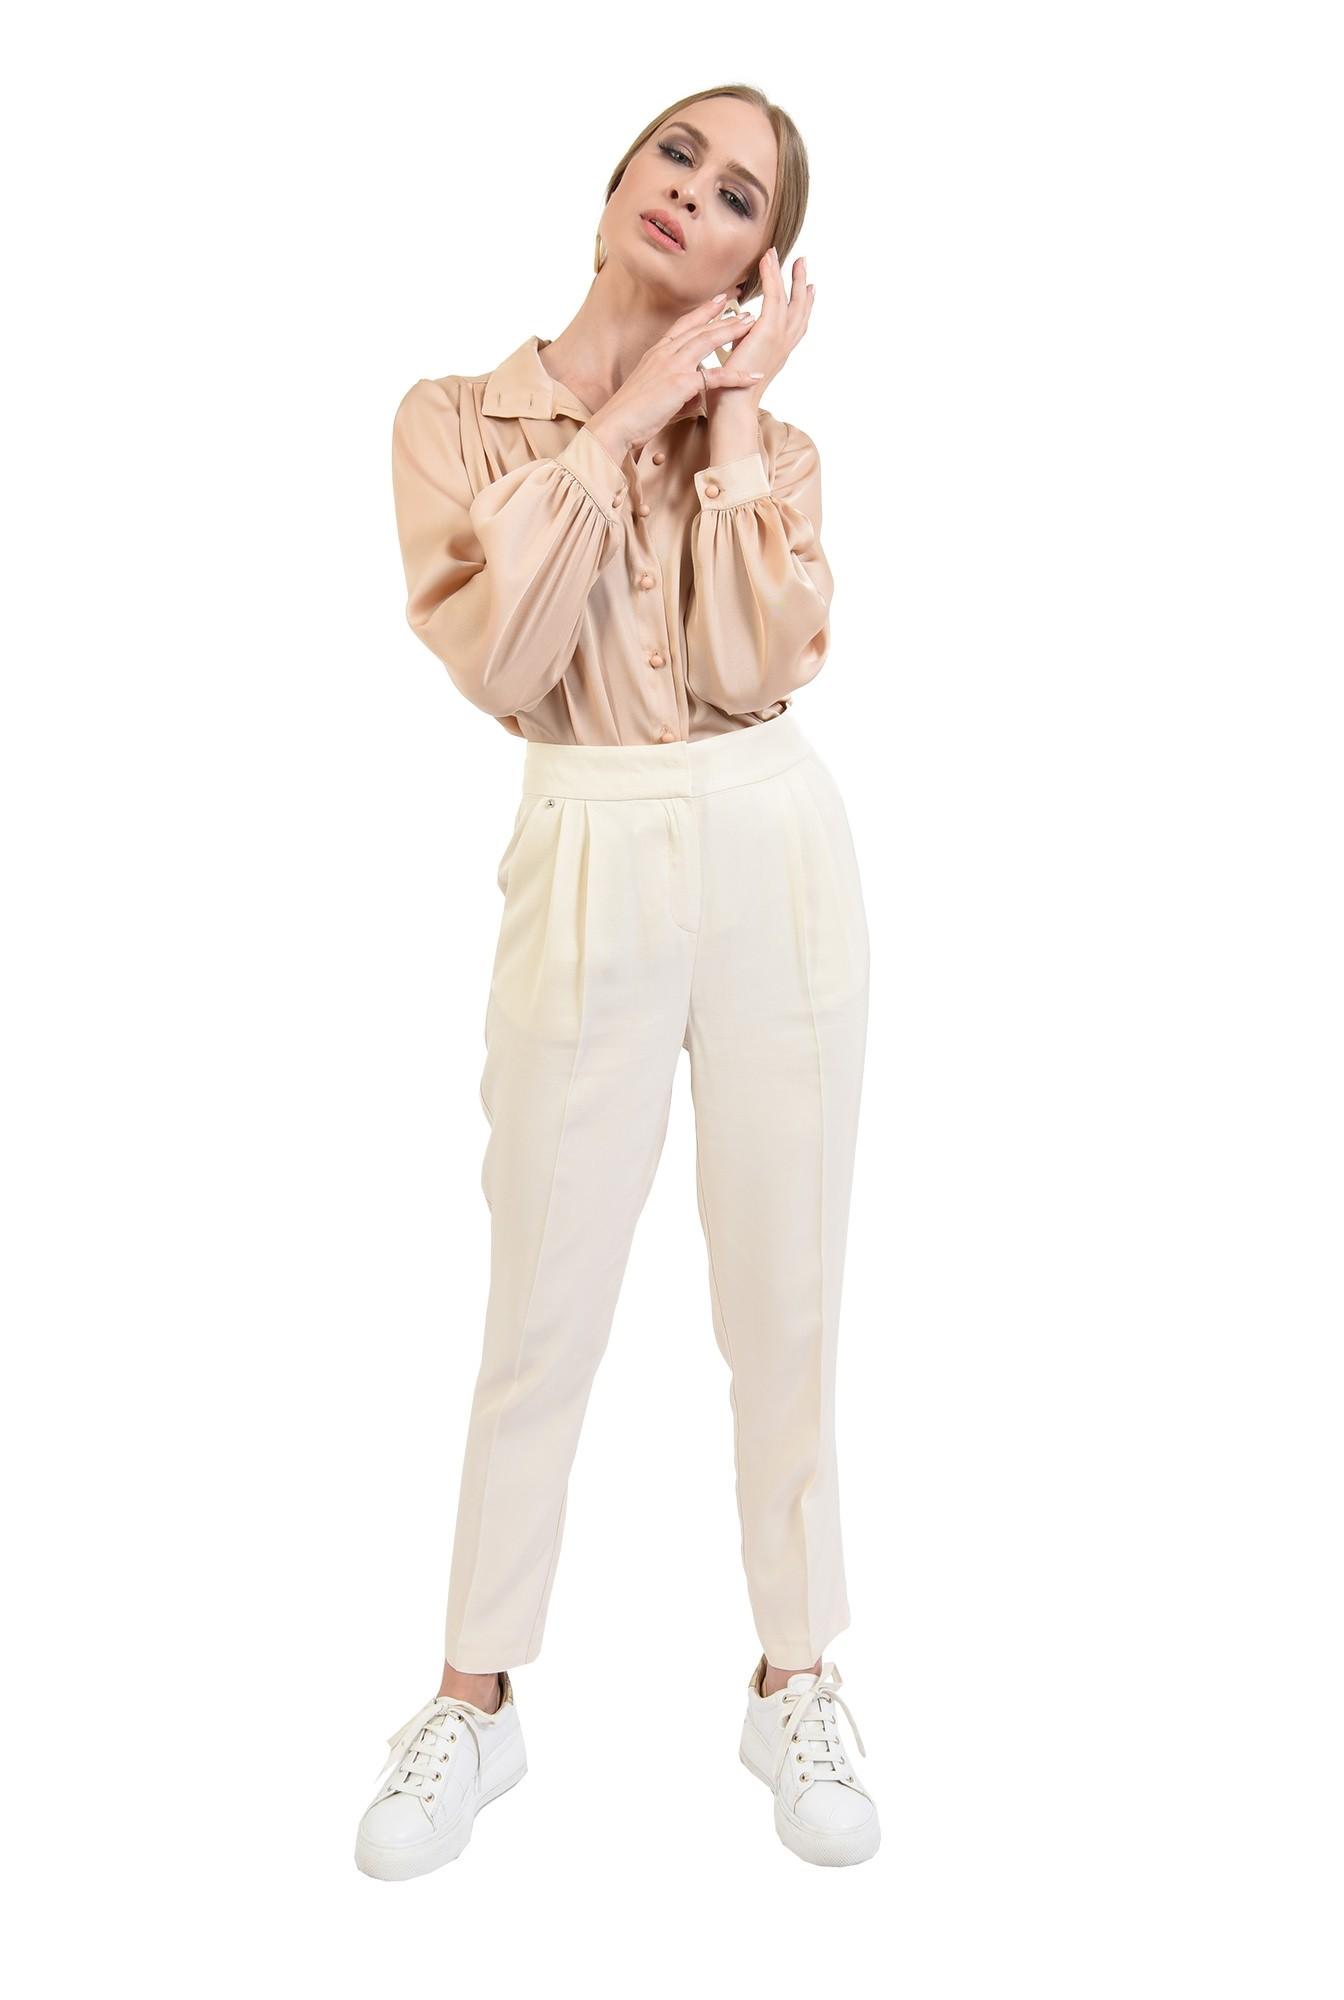 3 - 360 - pantaloni casual, crem, conici, cu pense, Poema